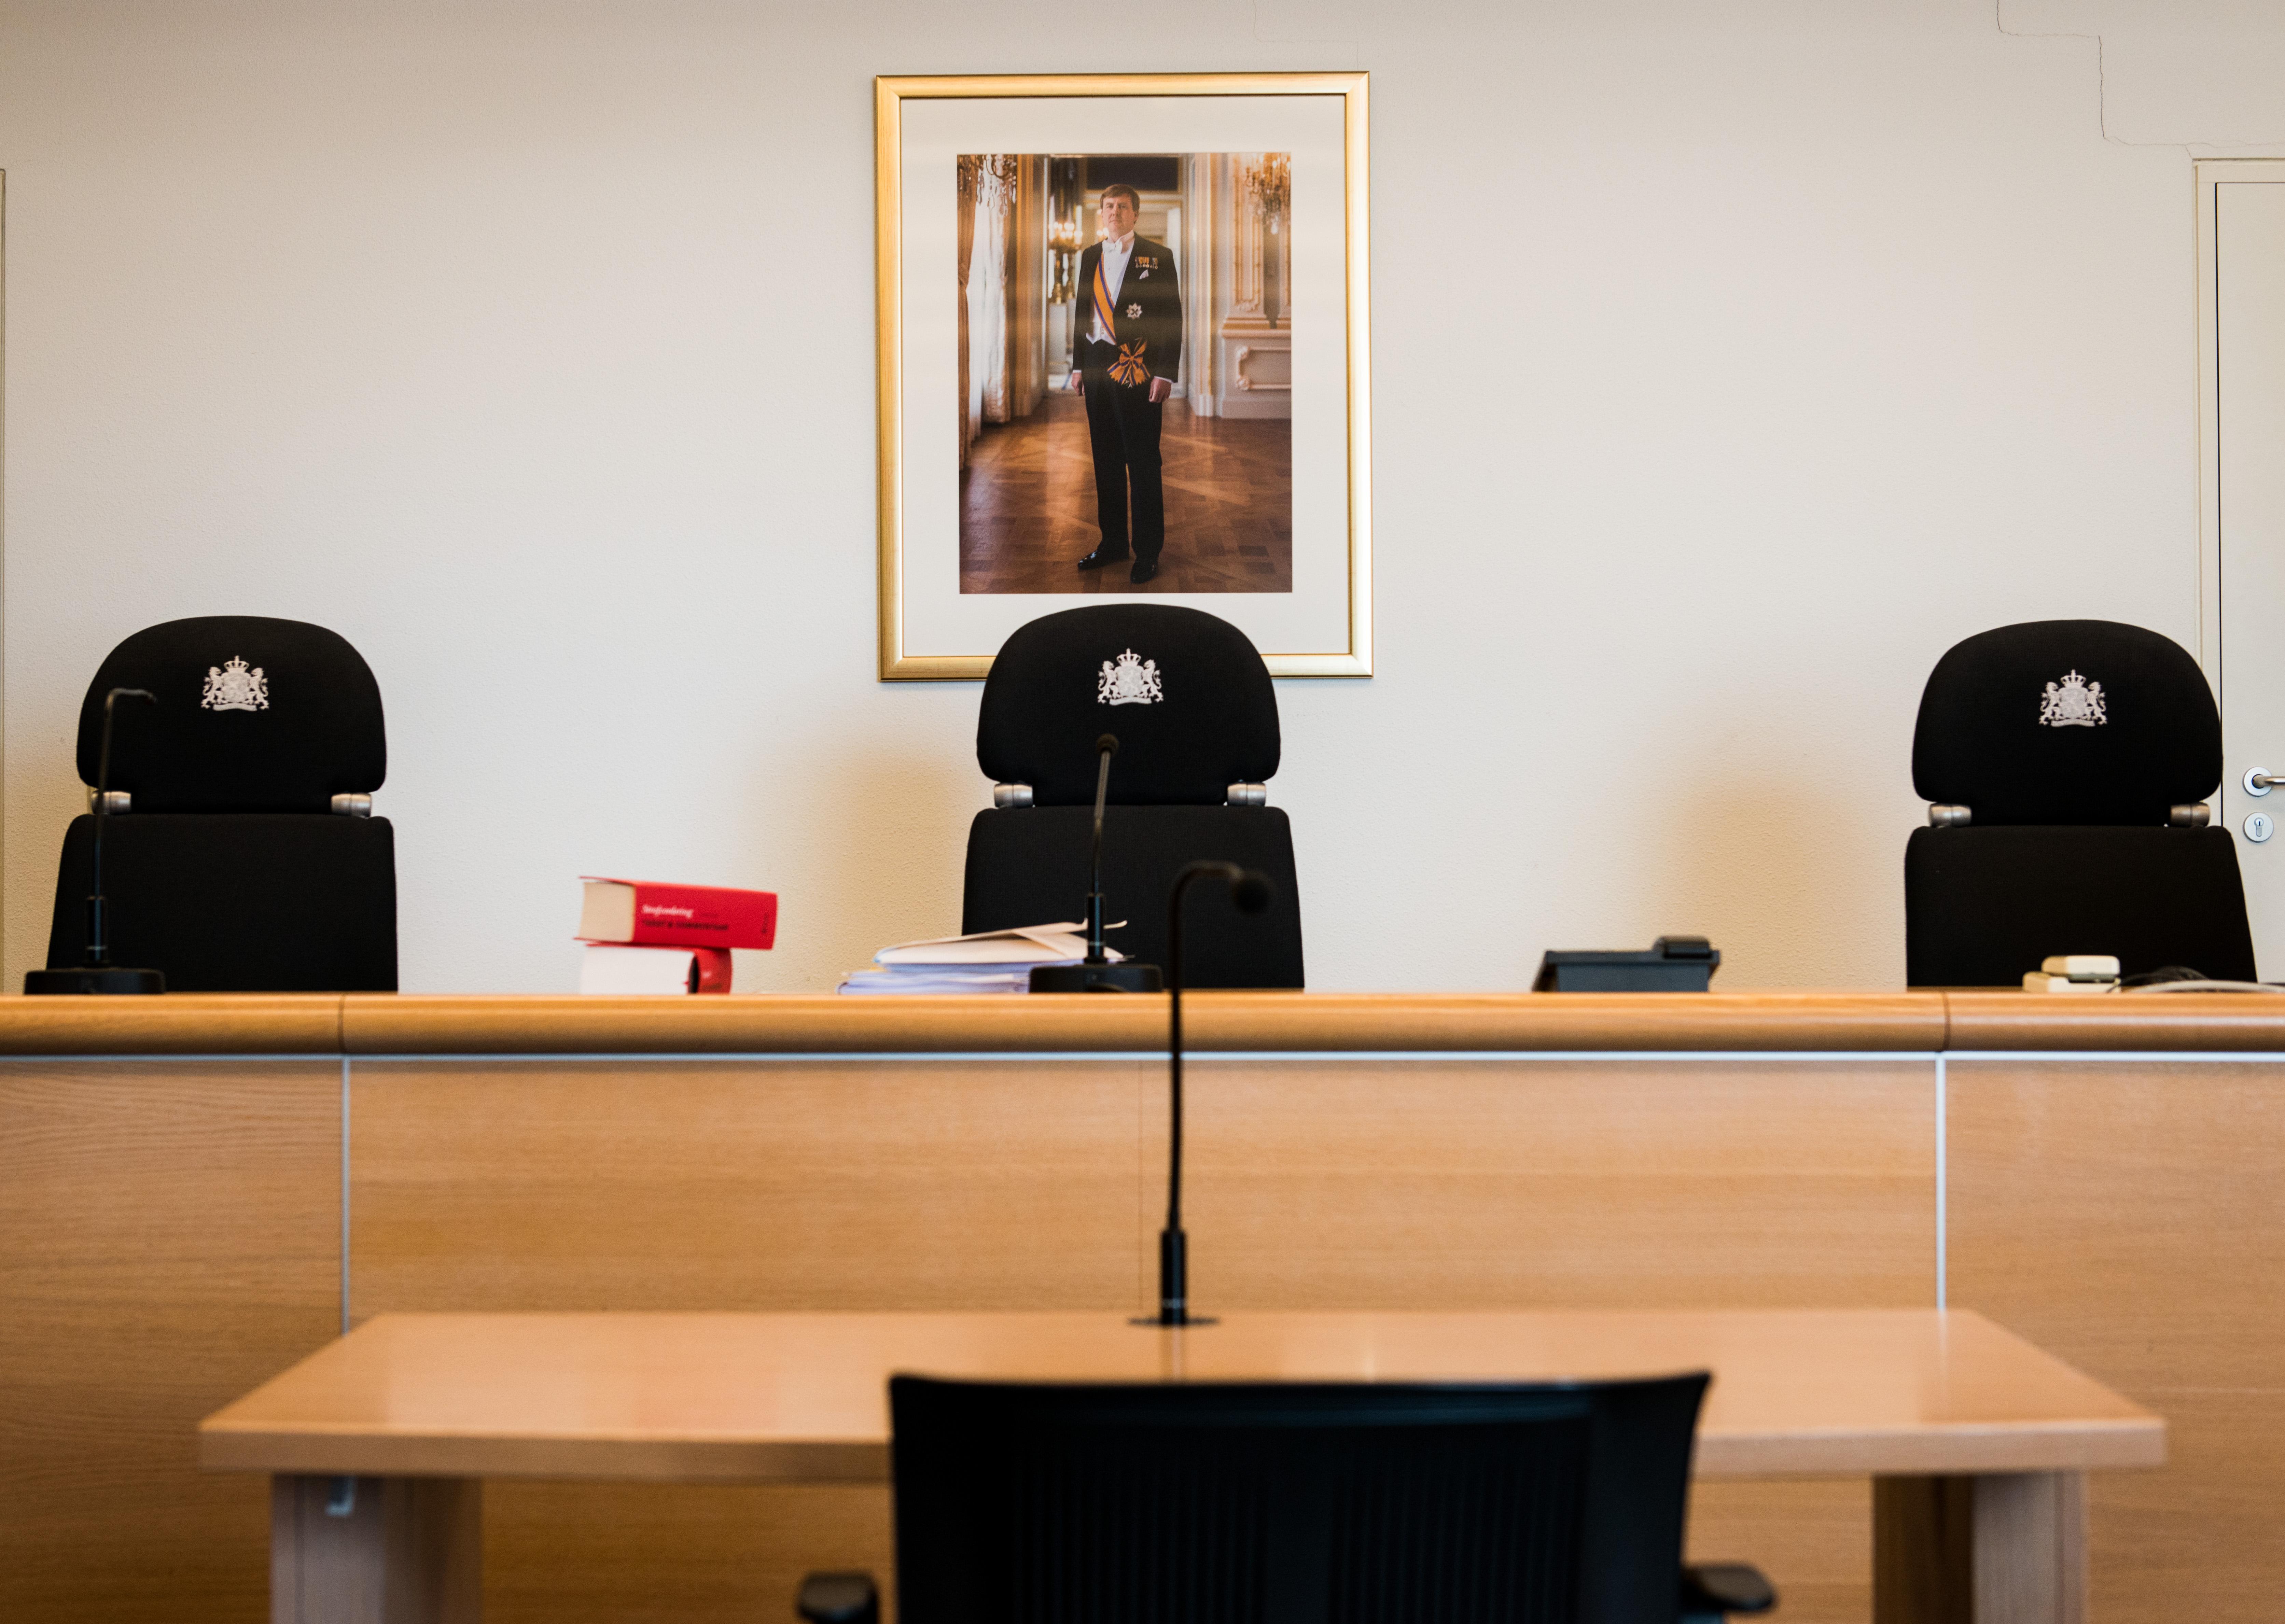 'Tuinman' hoort vijf maanden celstraf eisen voor oplichting; Advocaat vraagt vrijspraak: 'Er zijn ook tevreden klanten'